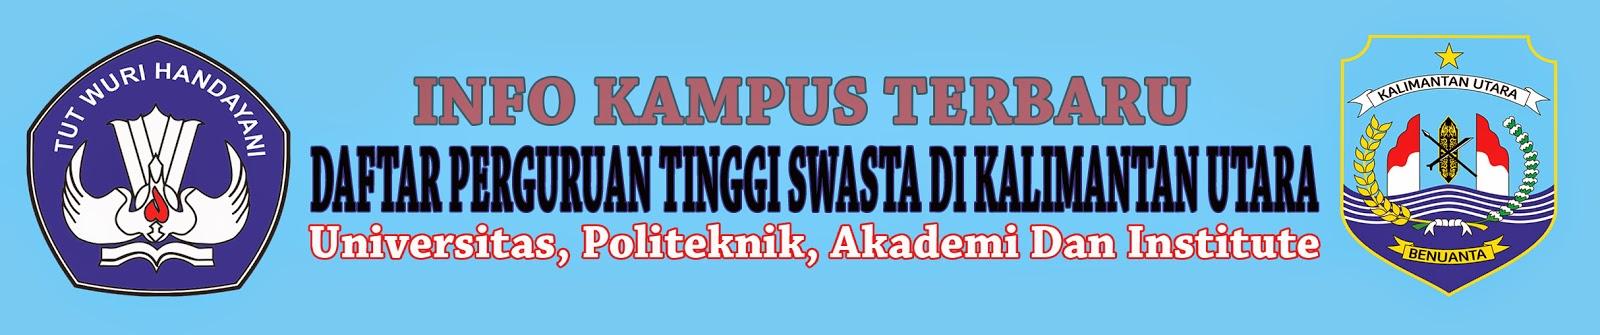 Daftar Nama-Nama Perguruan Tinggi Swasta Di Kalimantan Utara